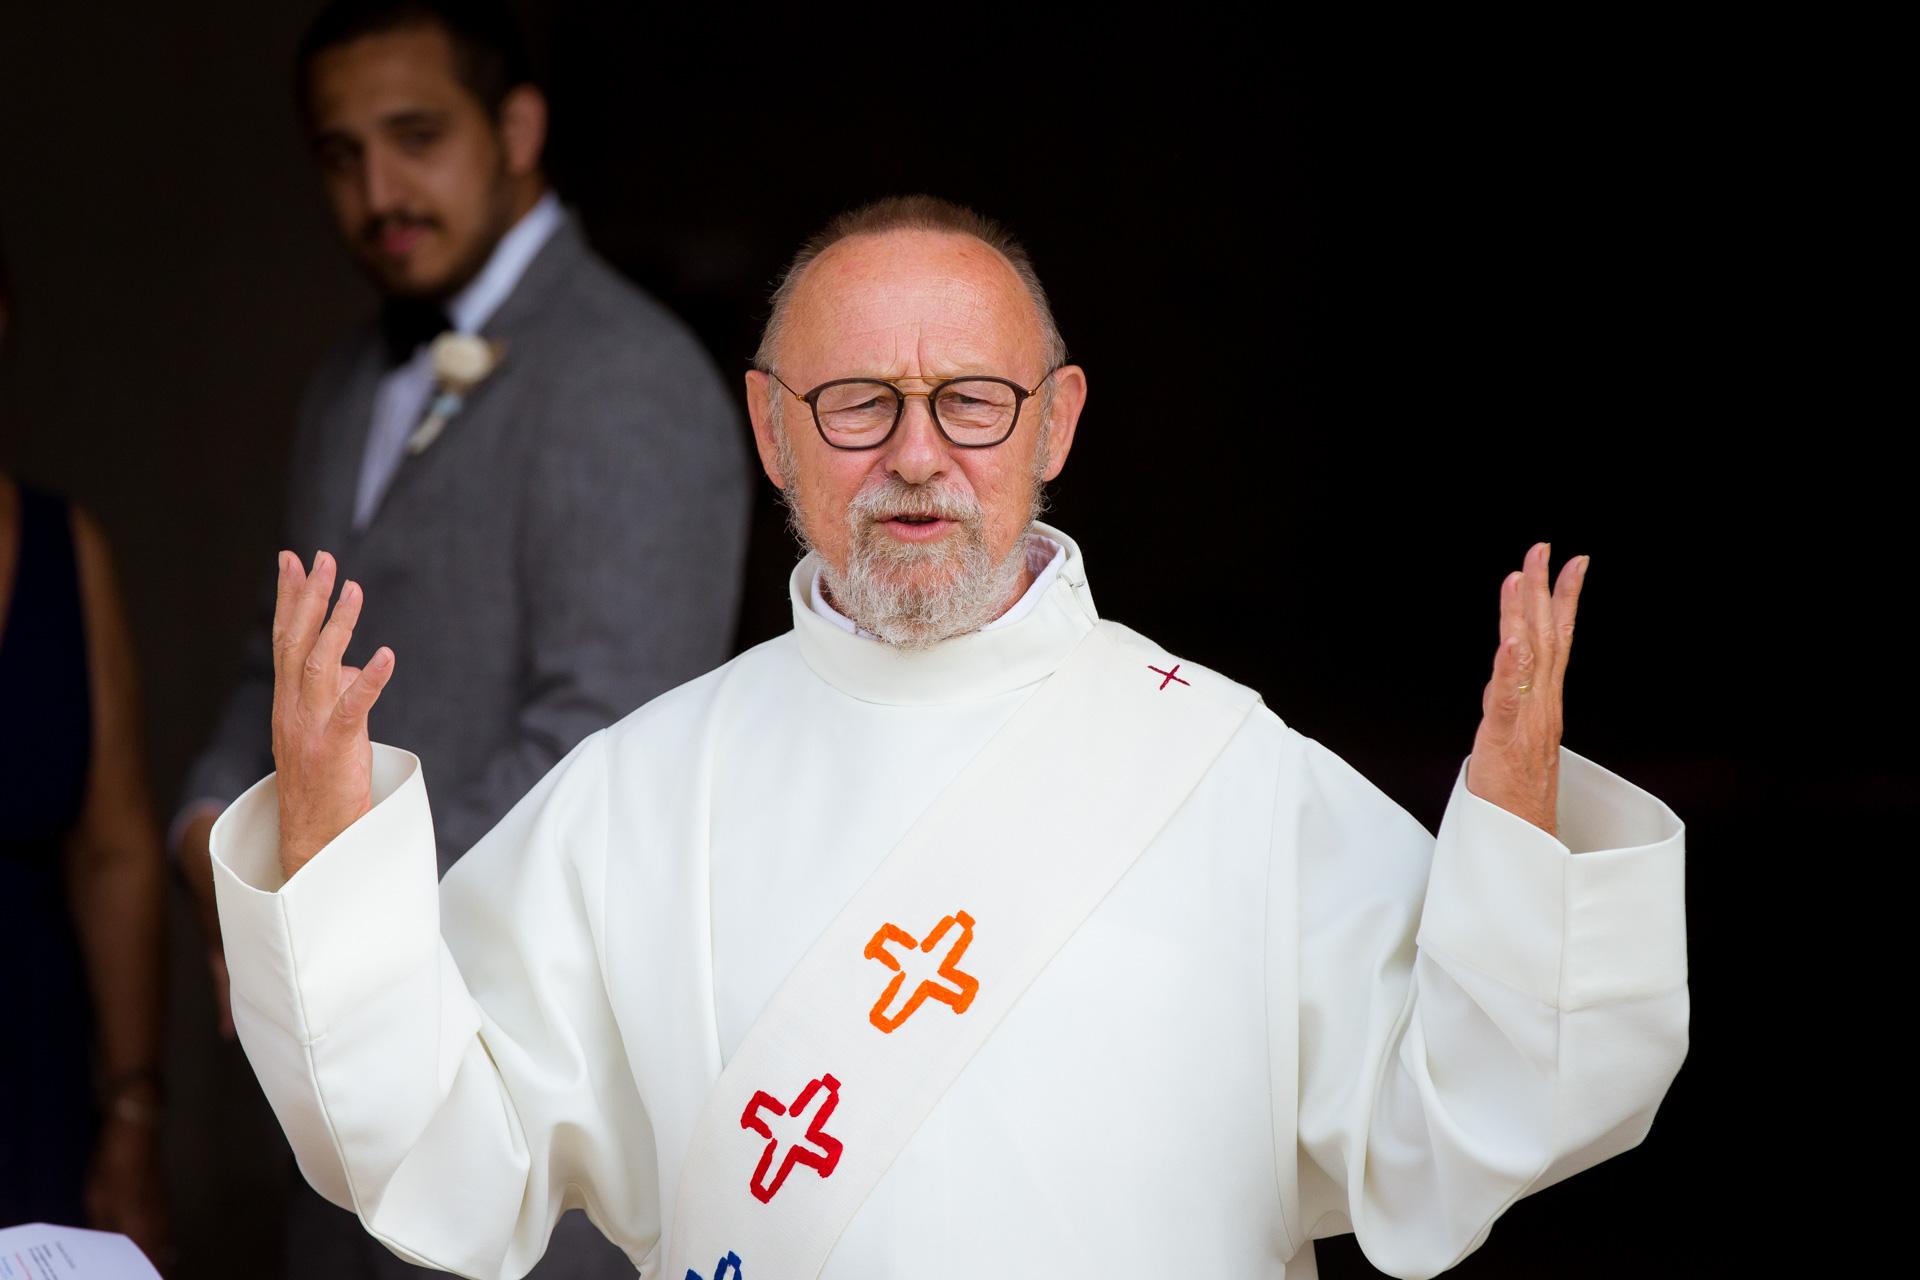 le prete de l'eglise d'Ars en re appelant a entrer